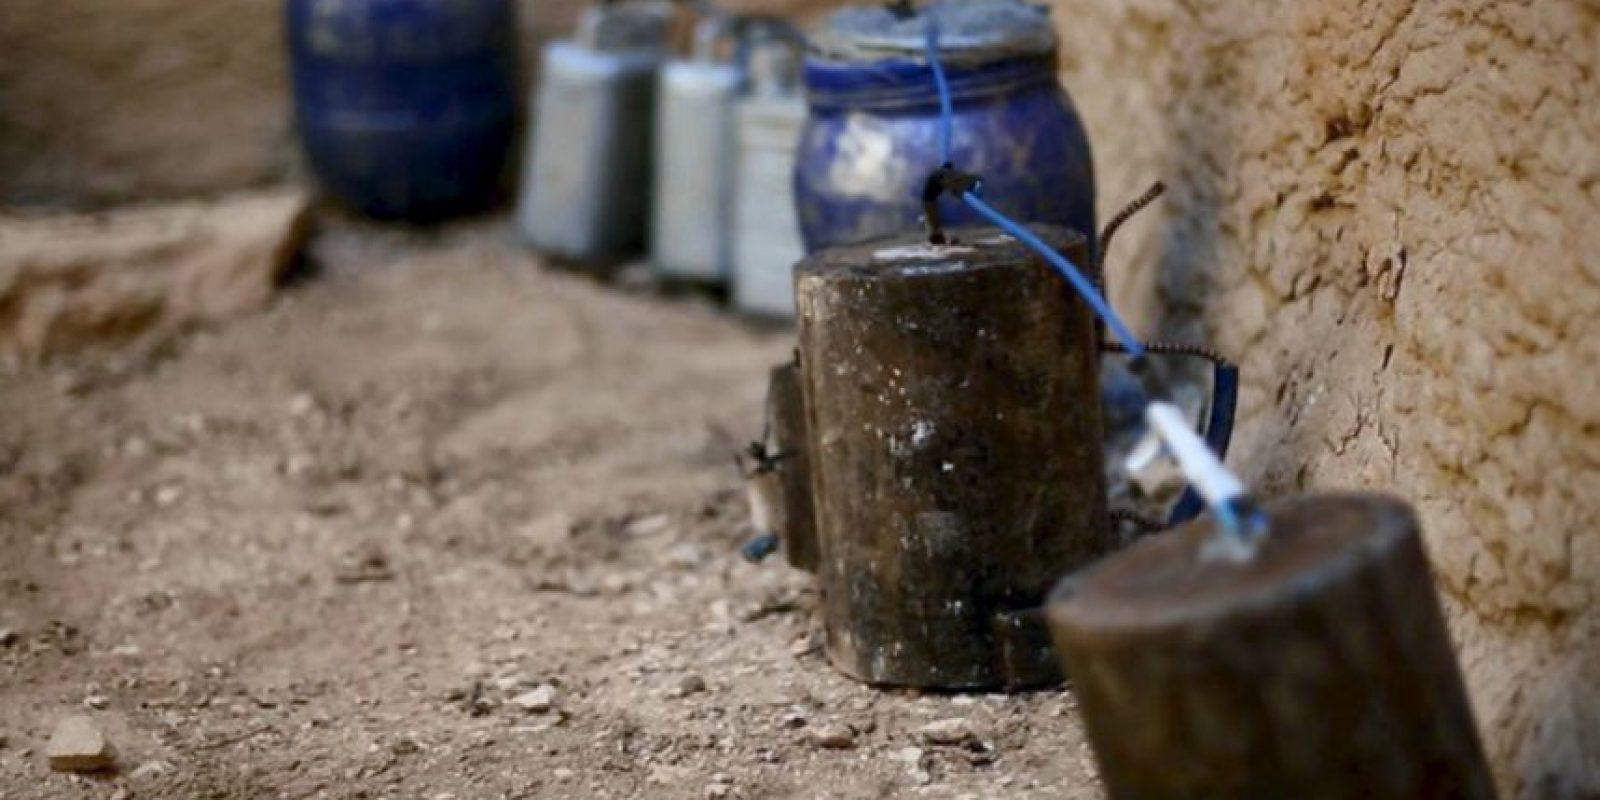 Las autoridades detallaron que el explosivo no tuvo efecto debido a su formula química, la cual estaba compuesta de vinagre y canela. Foto:AP